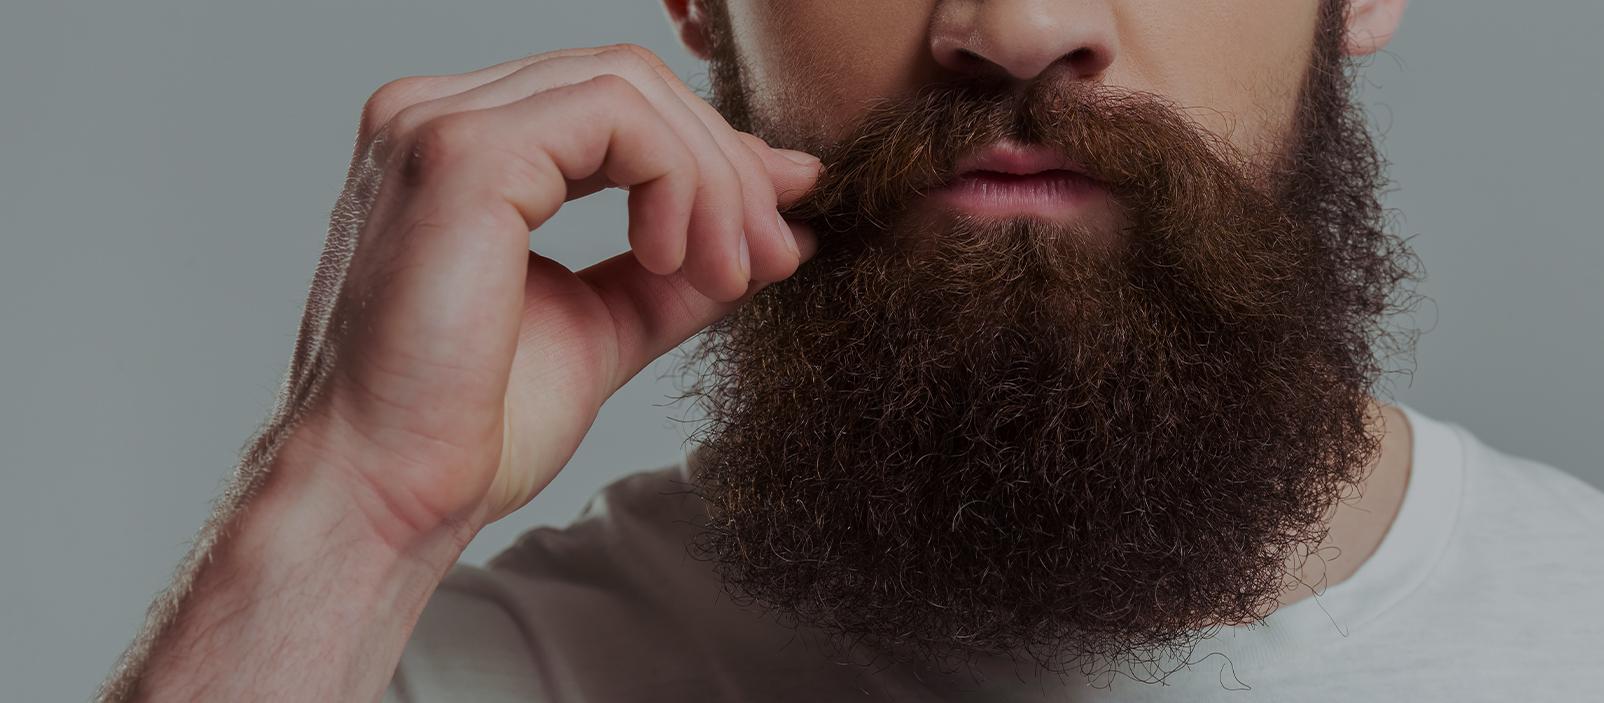 Cómo arreglarse la barba en 5 sencillos pasos